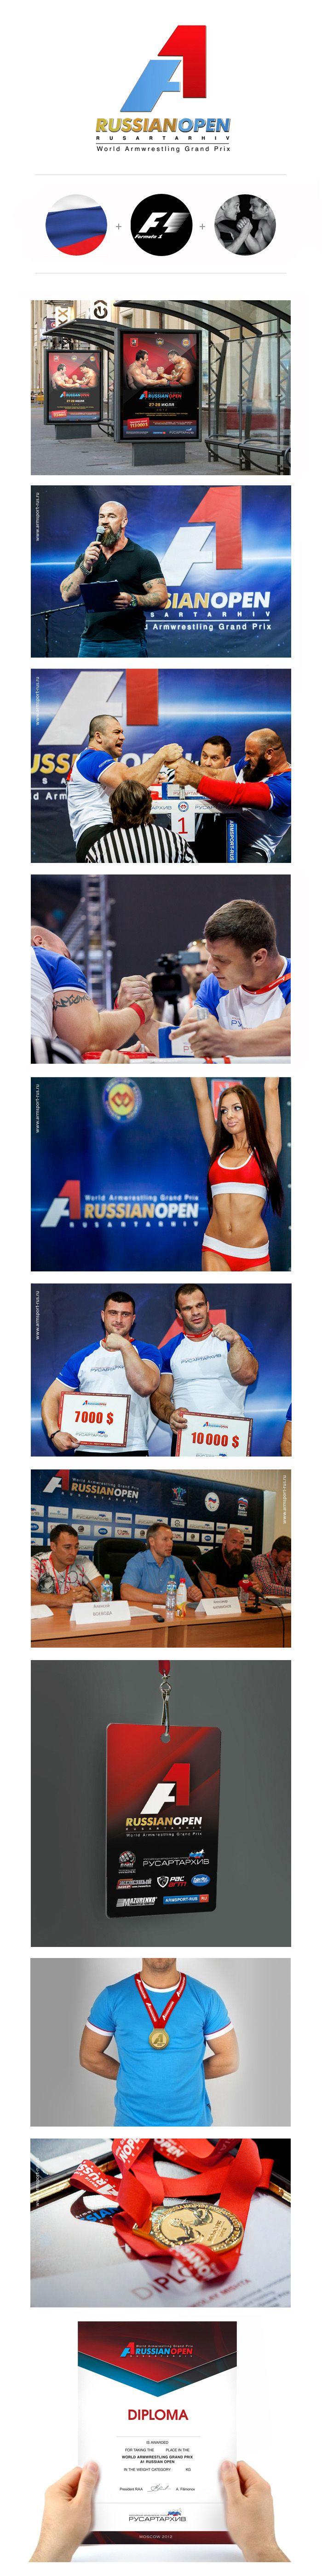 A1 Russian Open 2012 identity